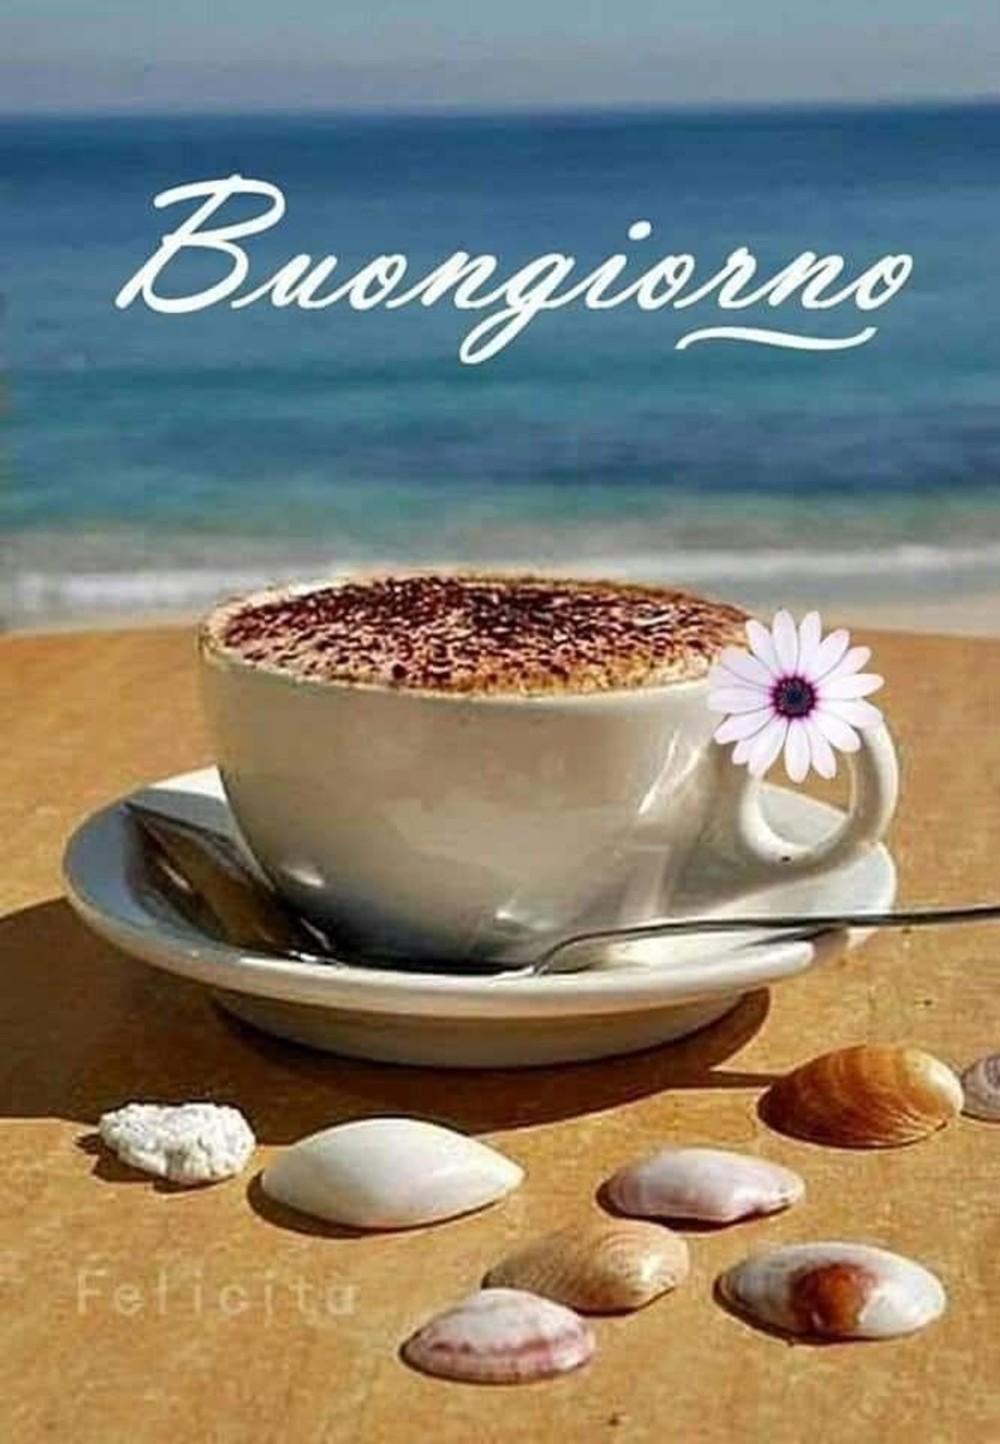 Buongiorno cappuccino